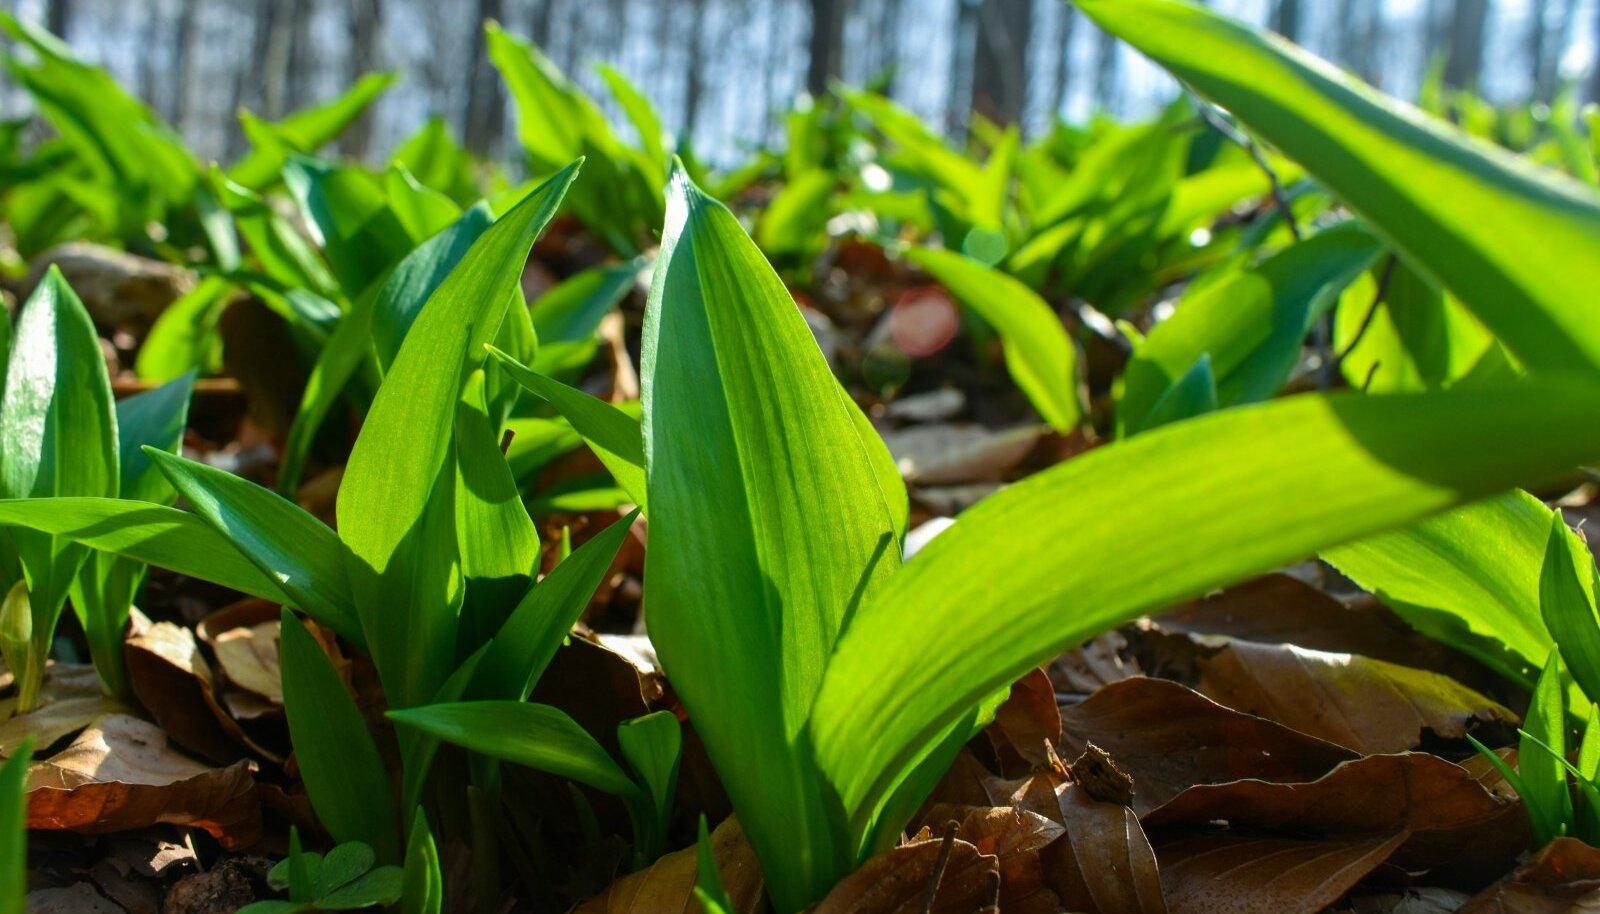 Karulauku korjates jäta igale taimele alles üks leht, nii kindlustad, et ka järgmisel aastal saad samast kohast saaki.